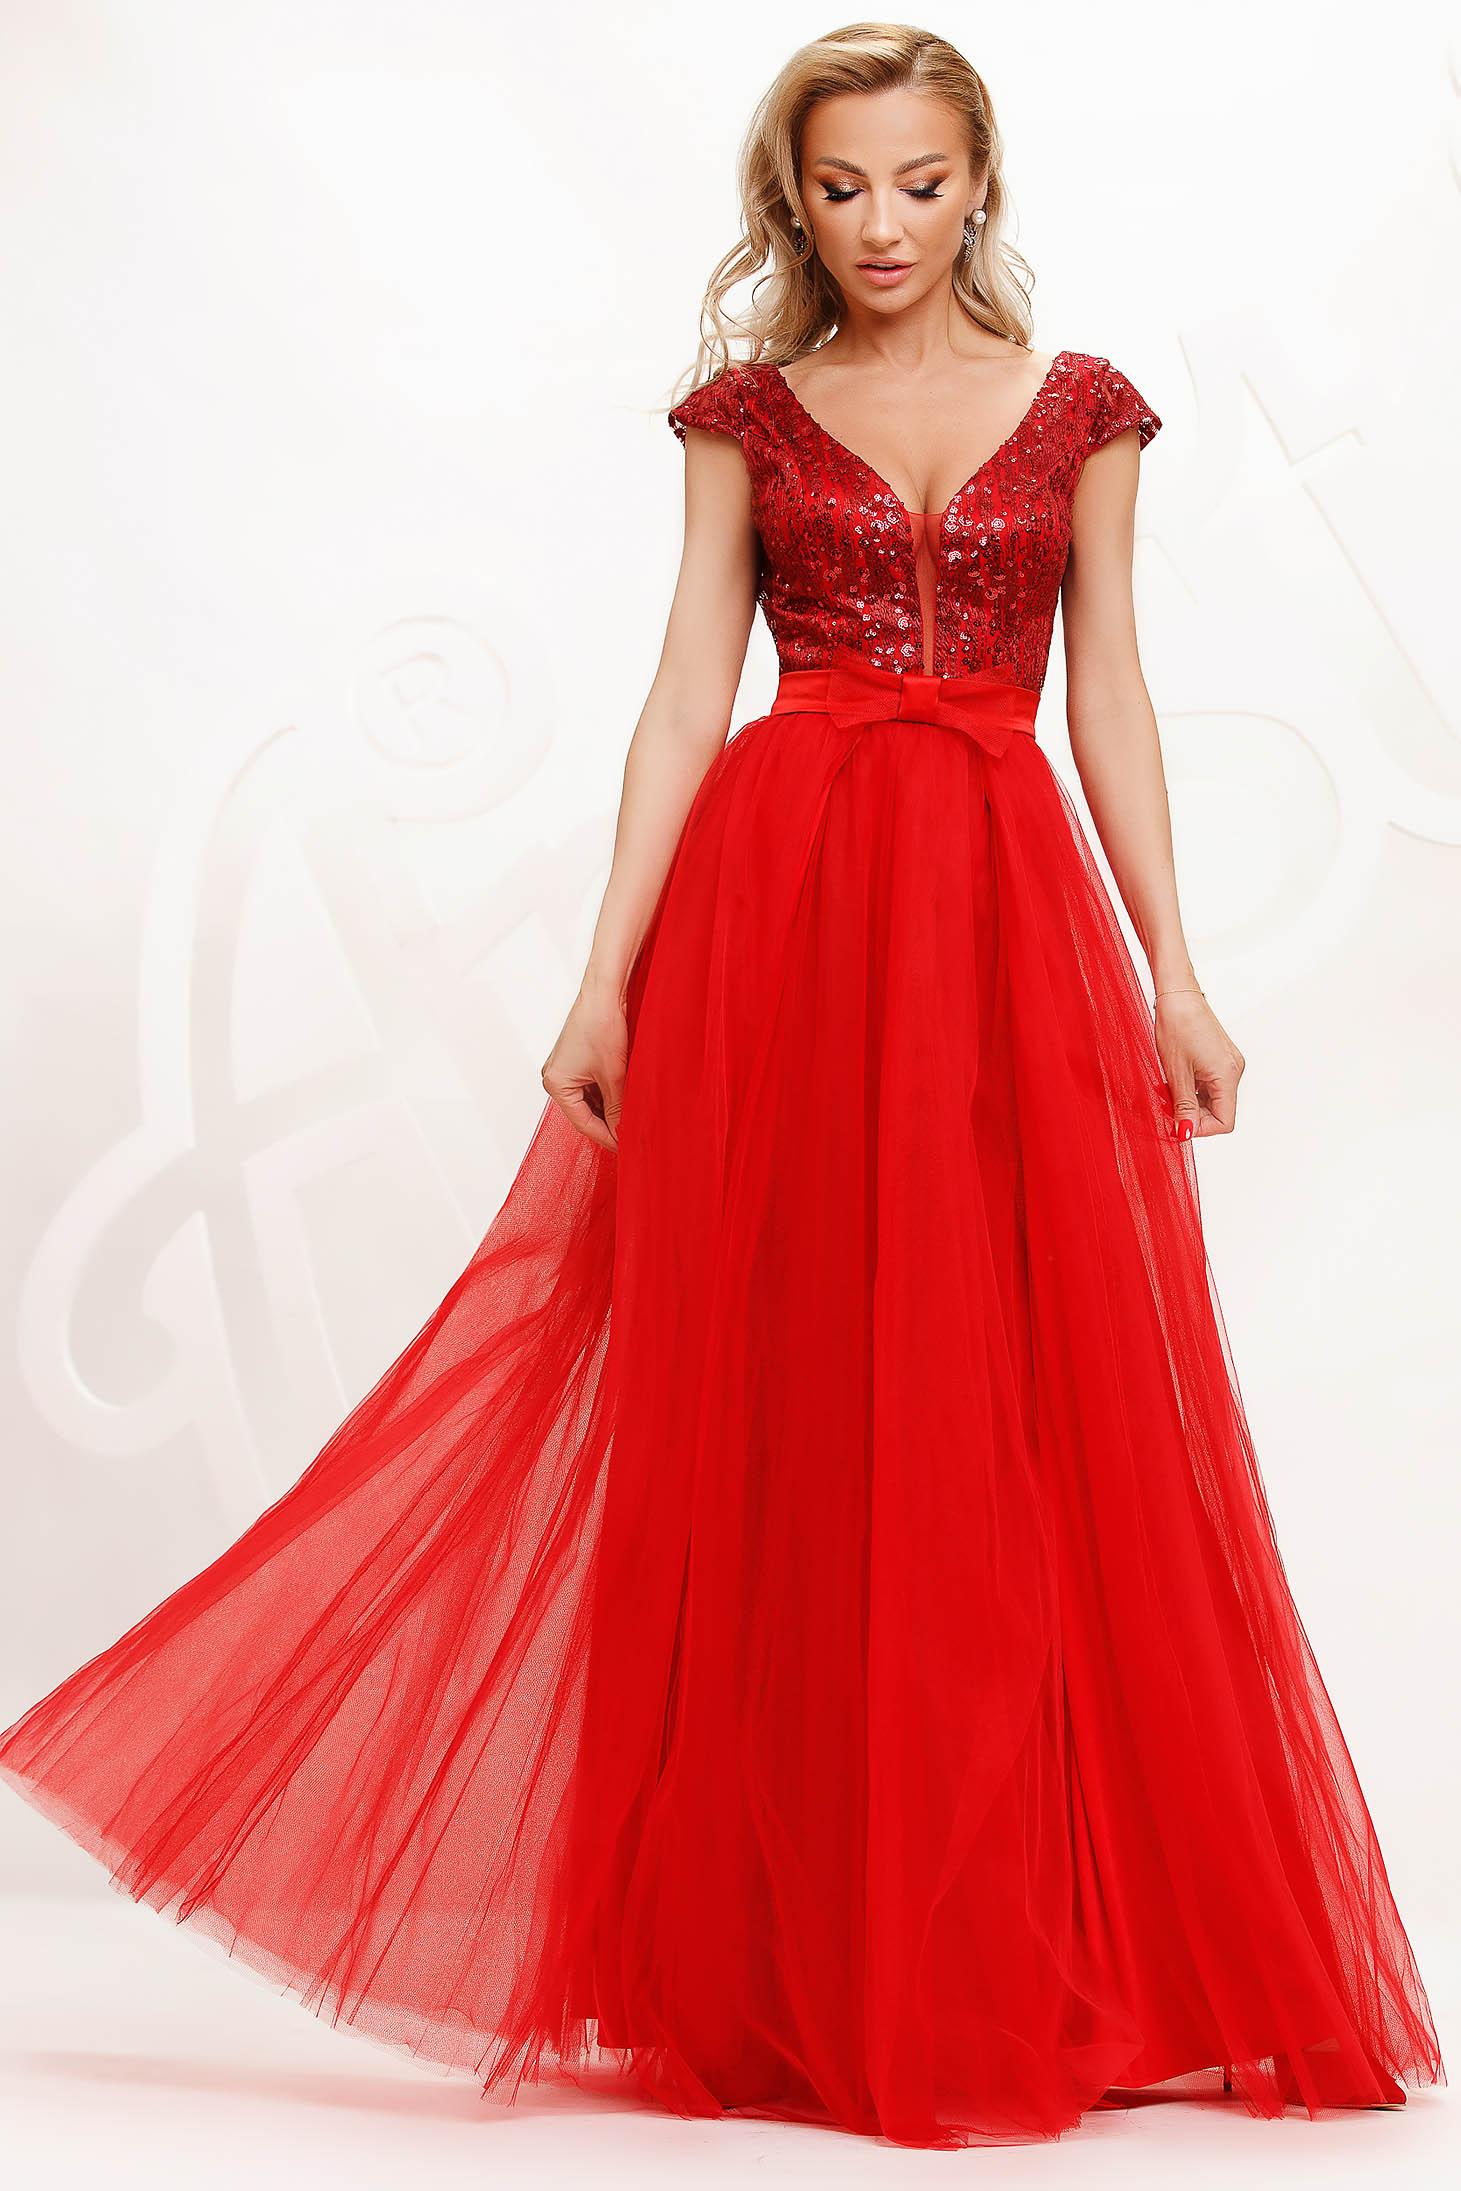 Piros alkalmi lábon sliccelt harang ruha tüllből flitteres díszítéssel